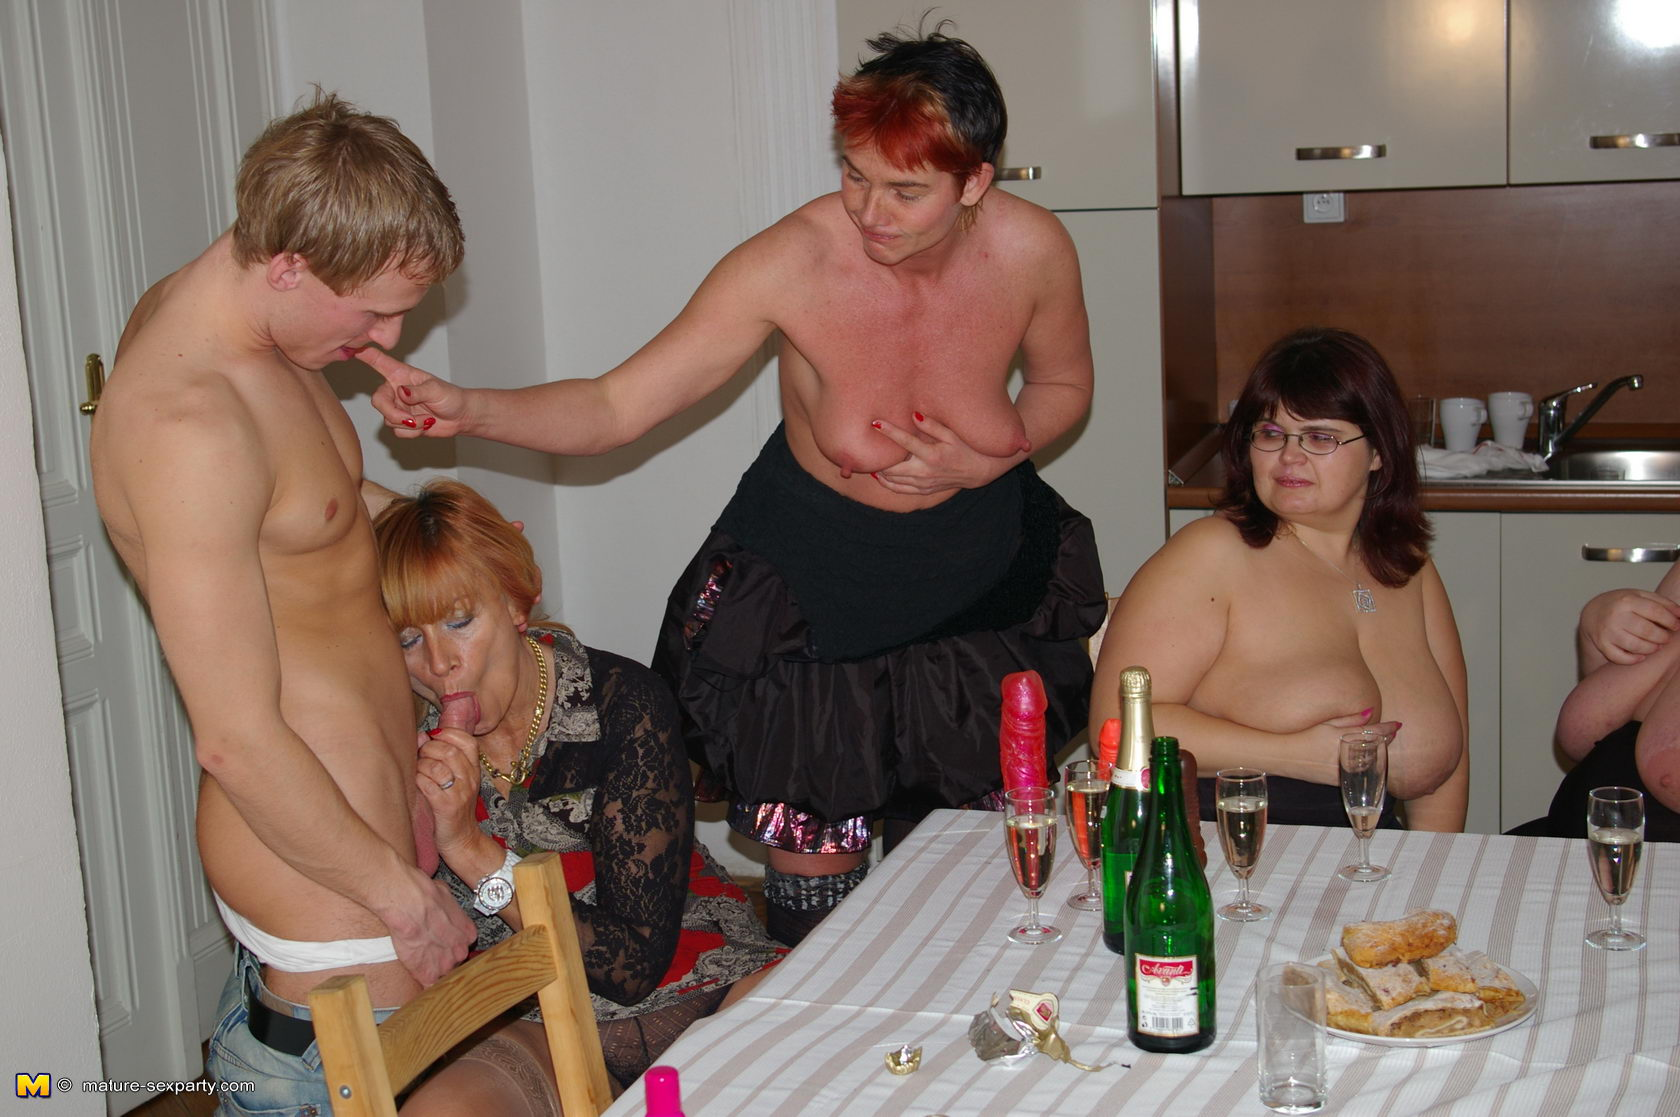 Фото зрелых свинг, Русские зрелые свингерыфото групповух 2 фотография